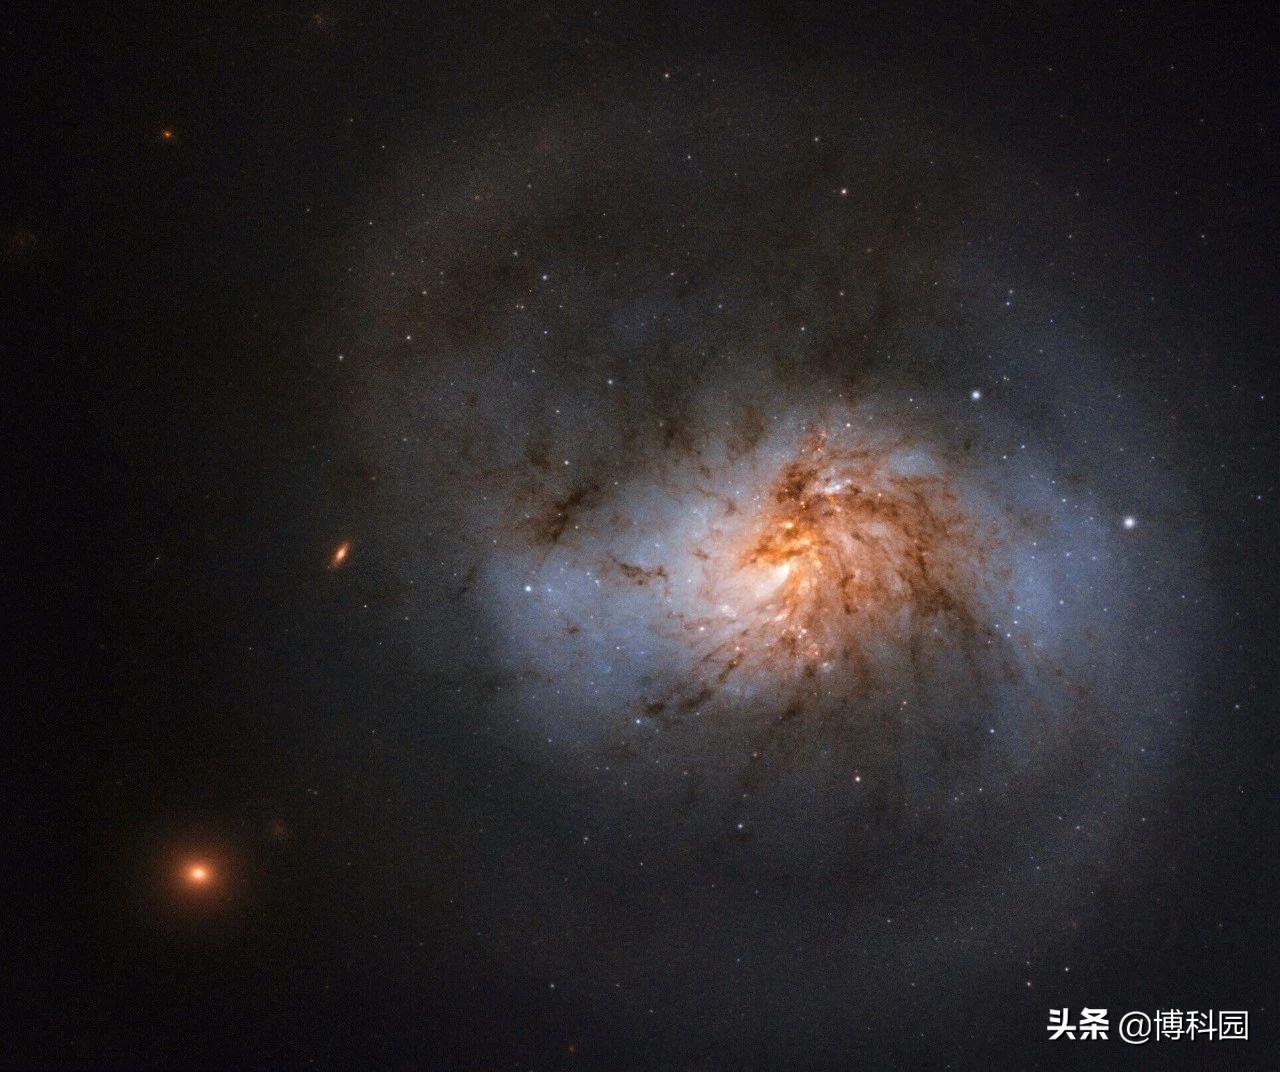 哈勃再出新照,捕捉到一个奇特星系,美丽程度丝毫不逊色